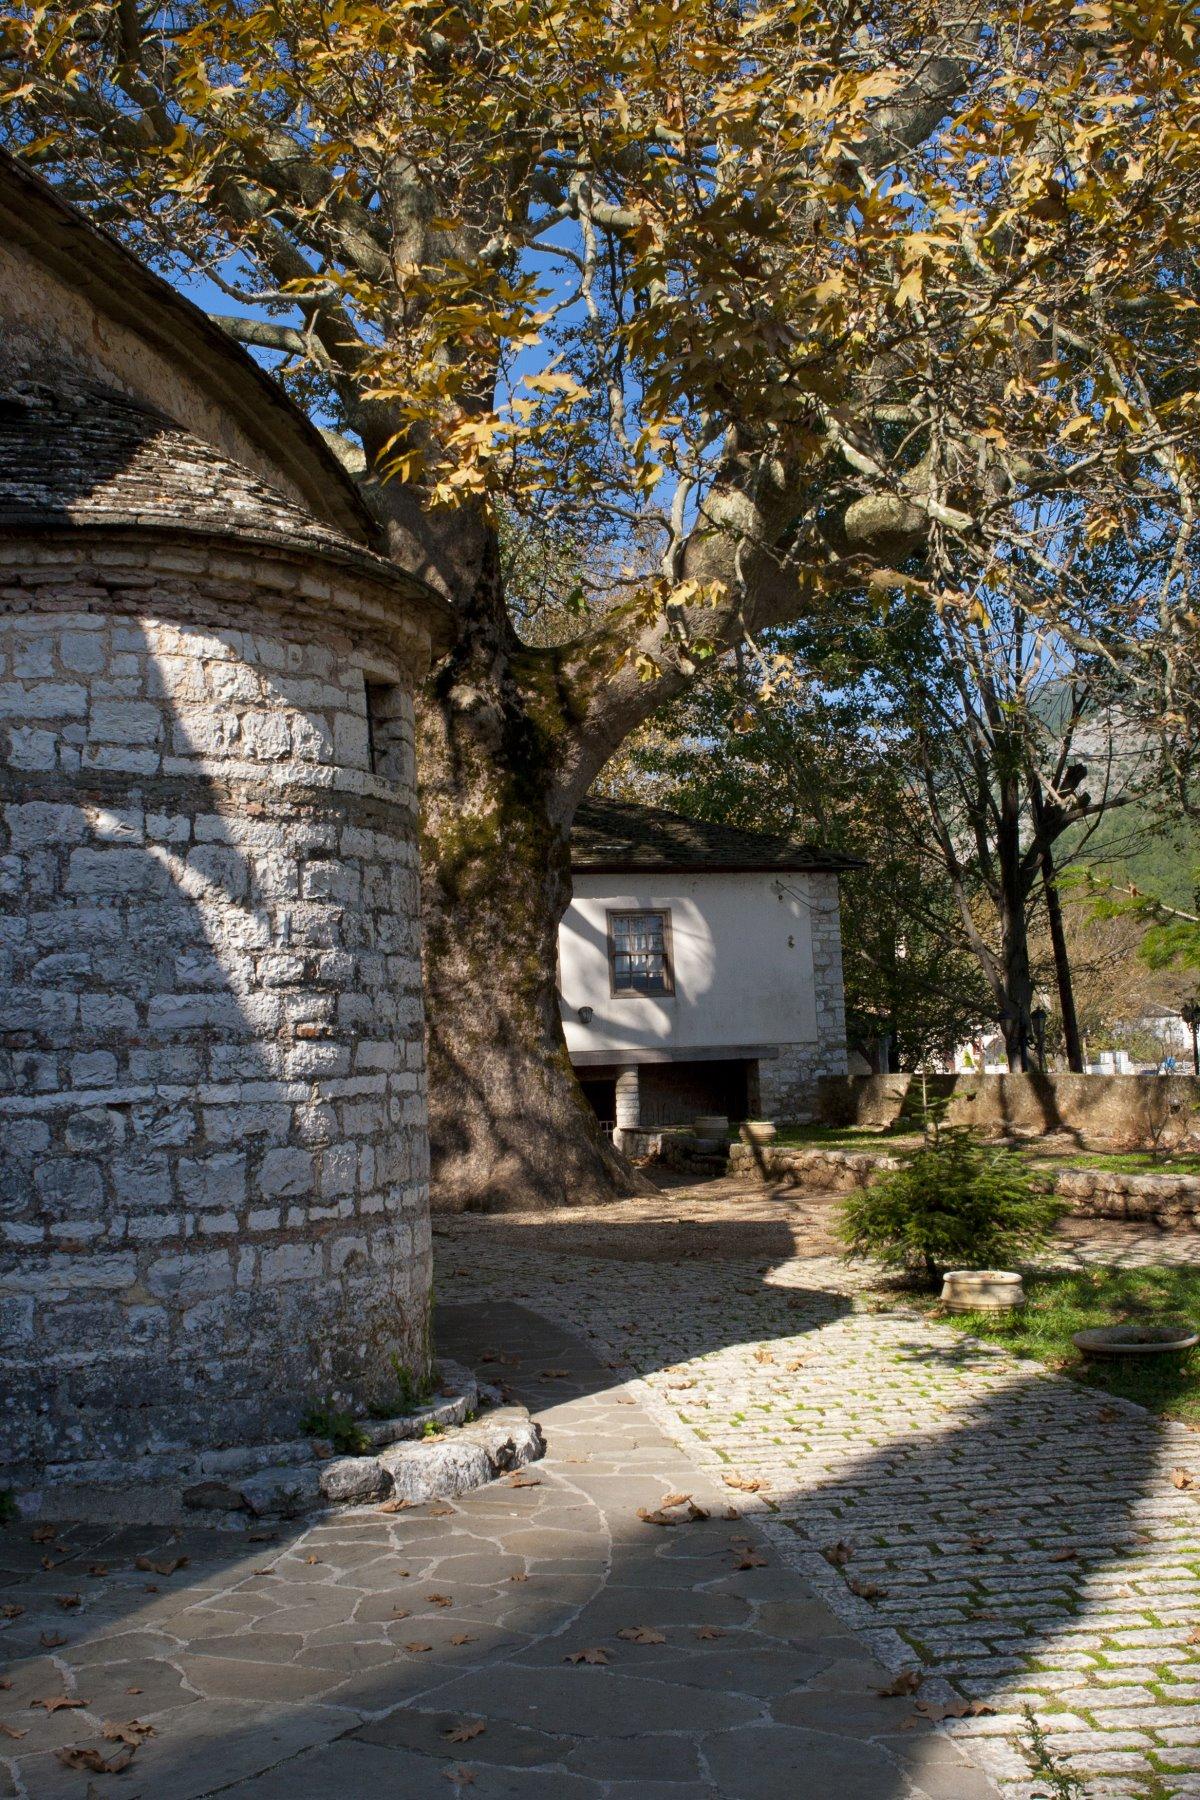 μοναστήρι νησάκι Ιωαννίνων σπάνια τοιχογραφία